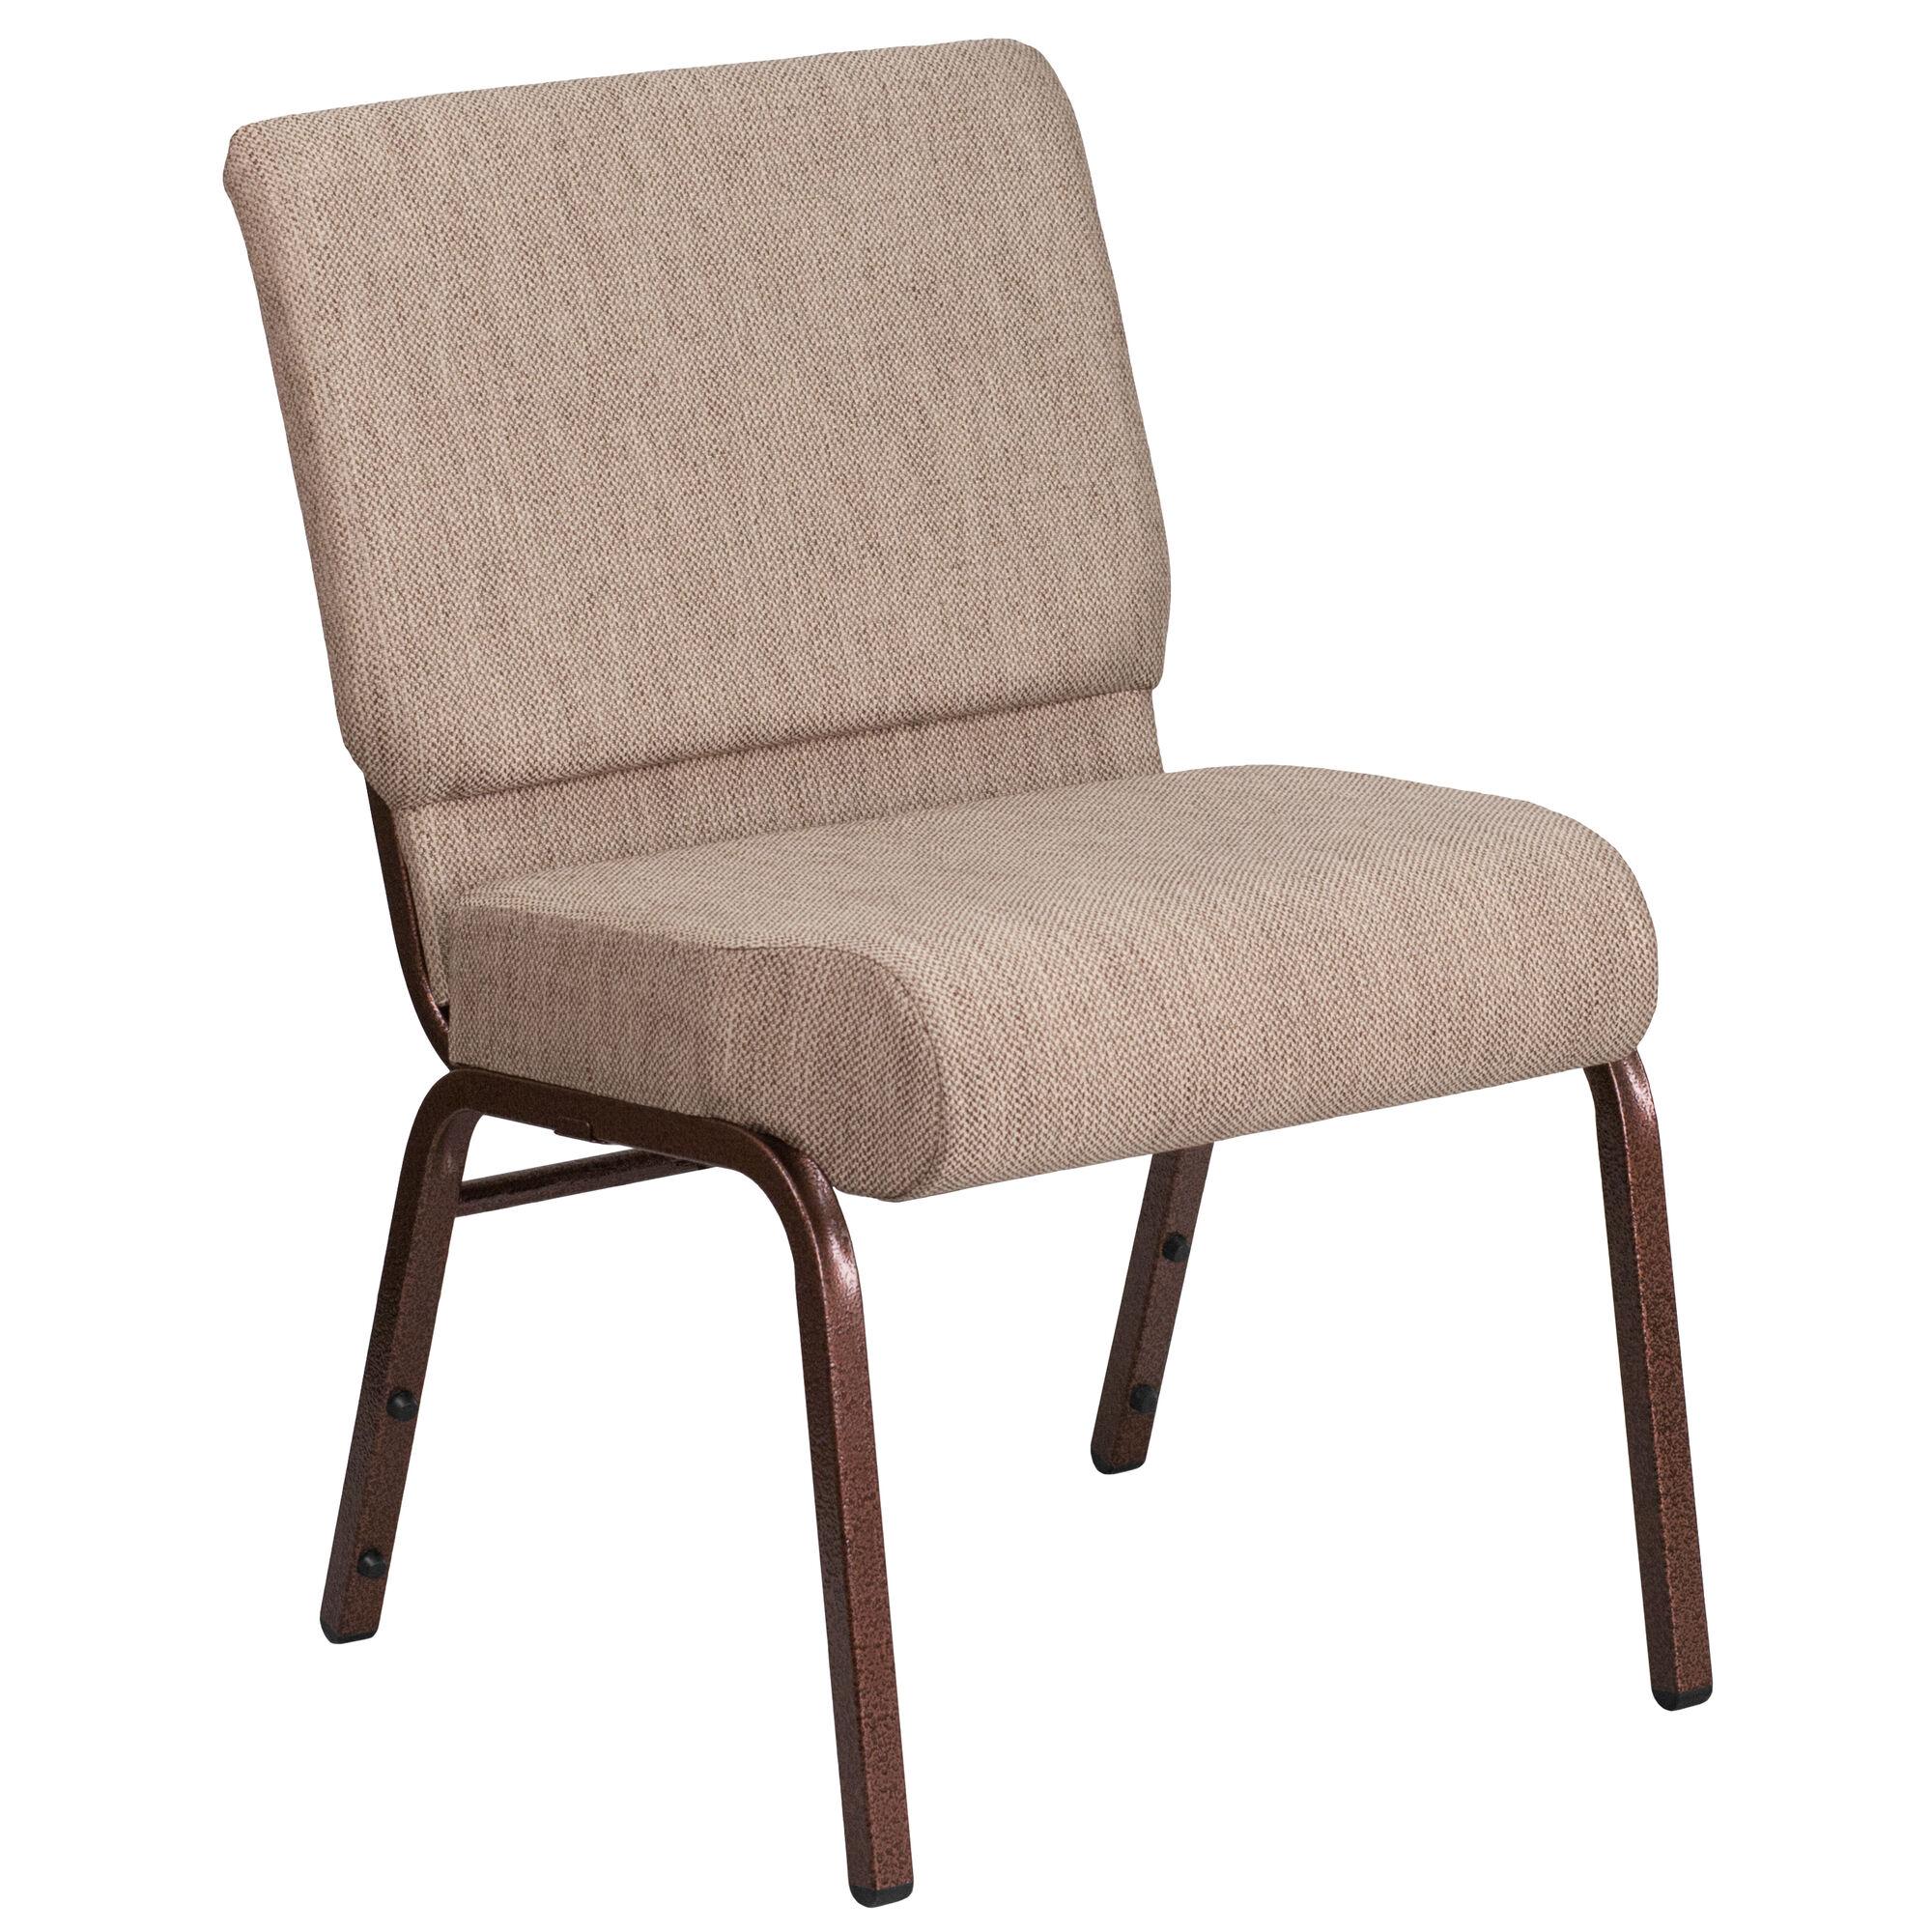 Hercules Series 21 W Stacking Church Chair